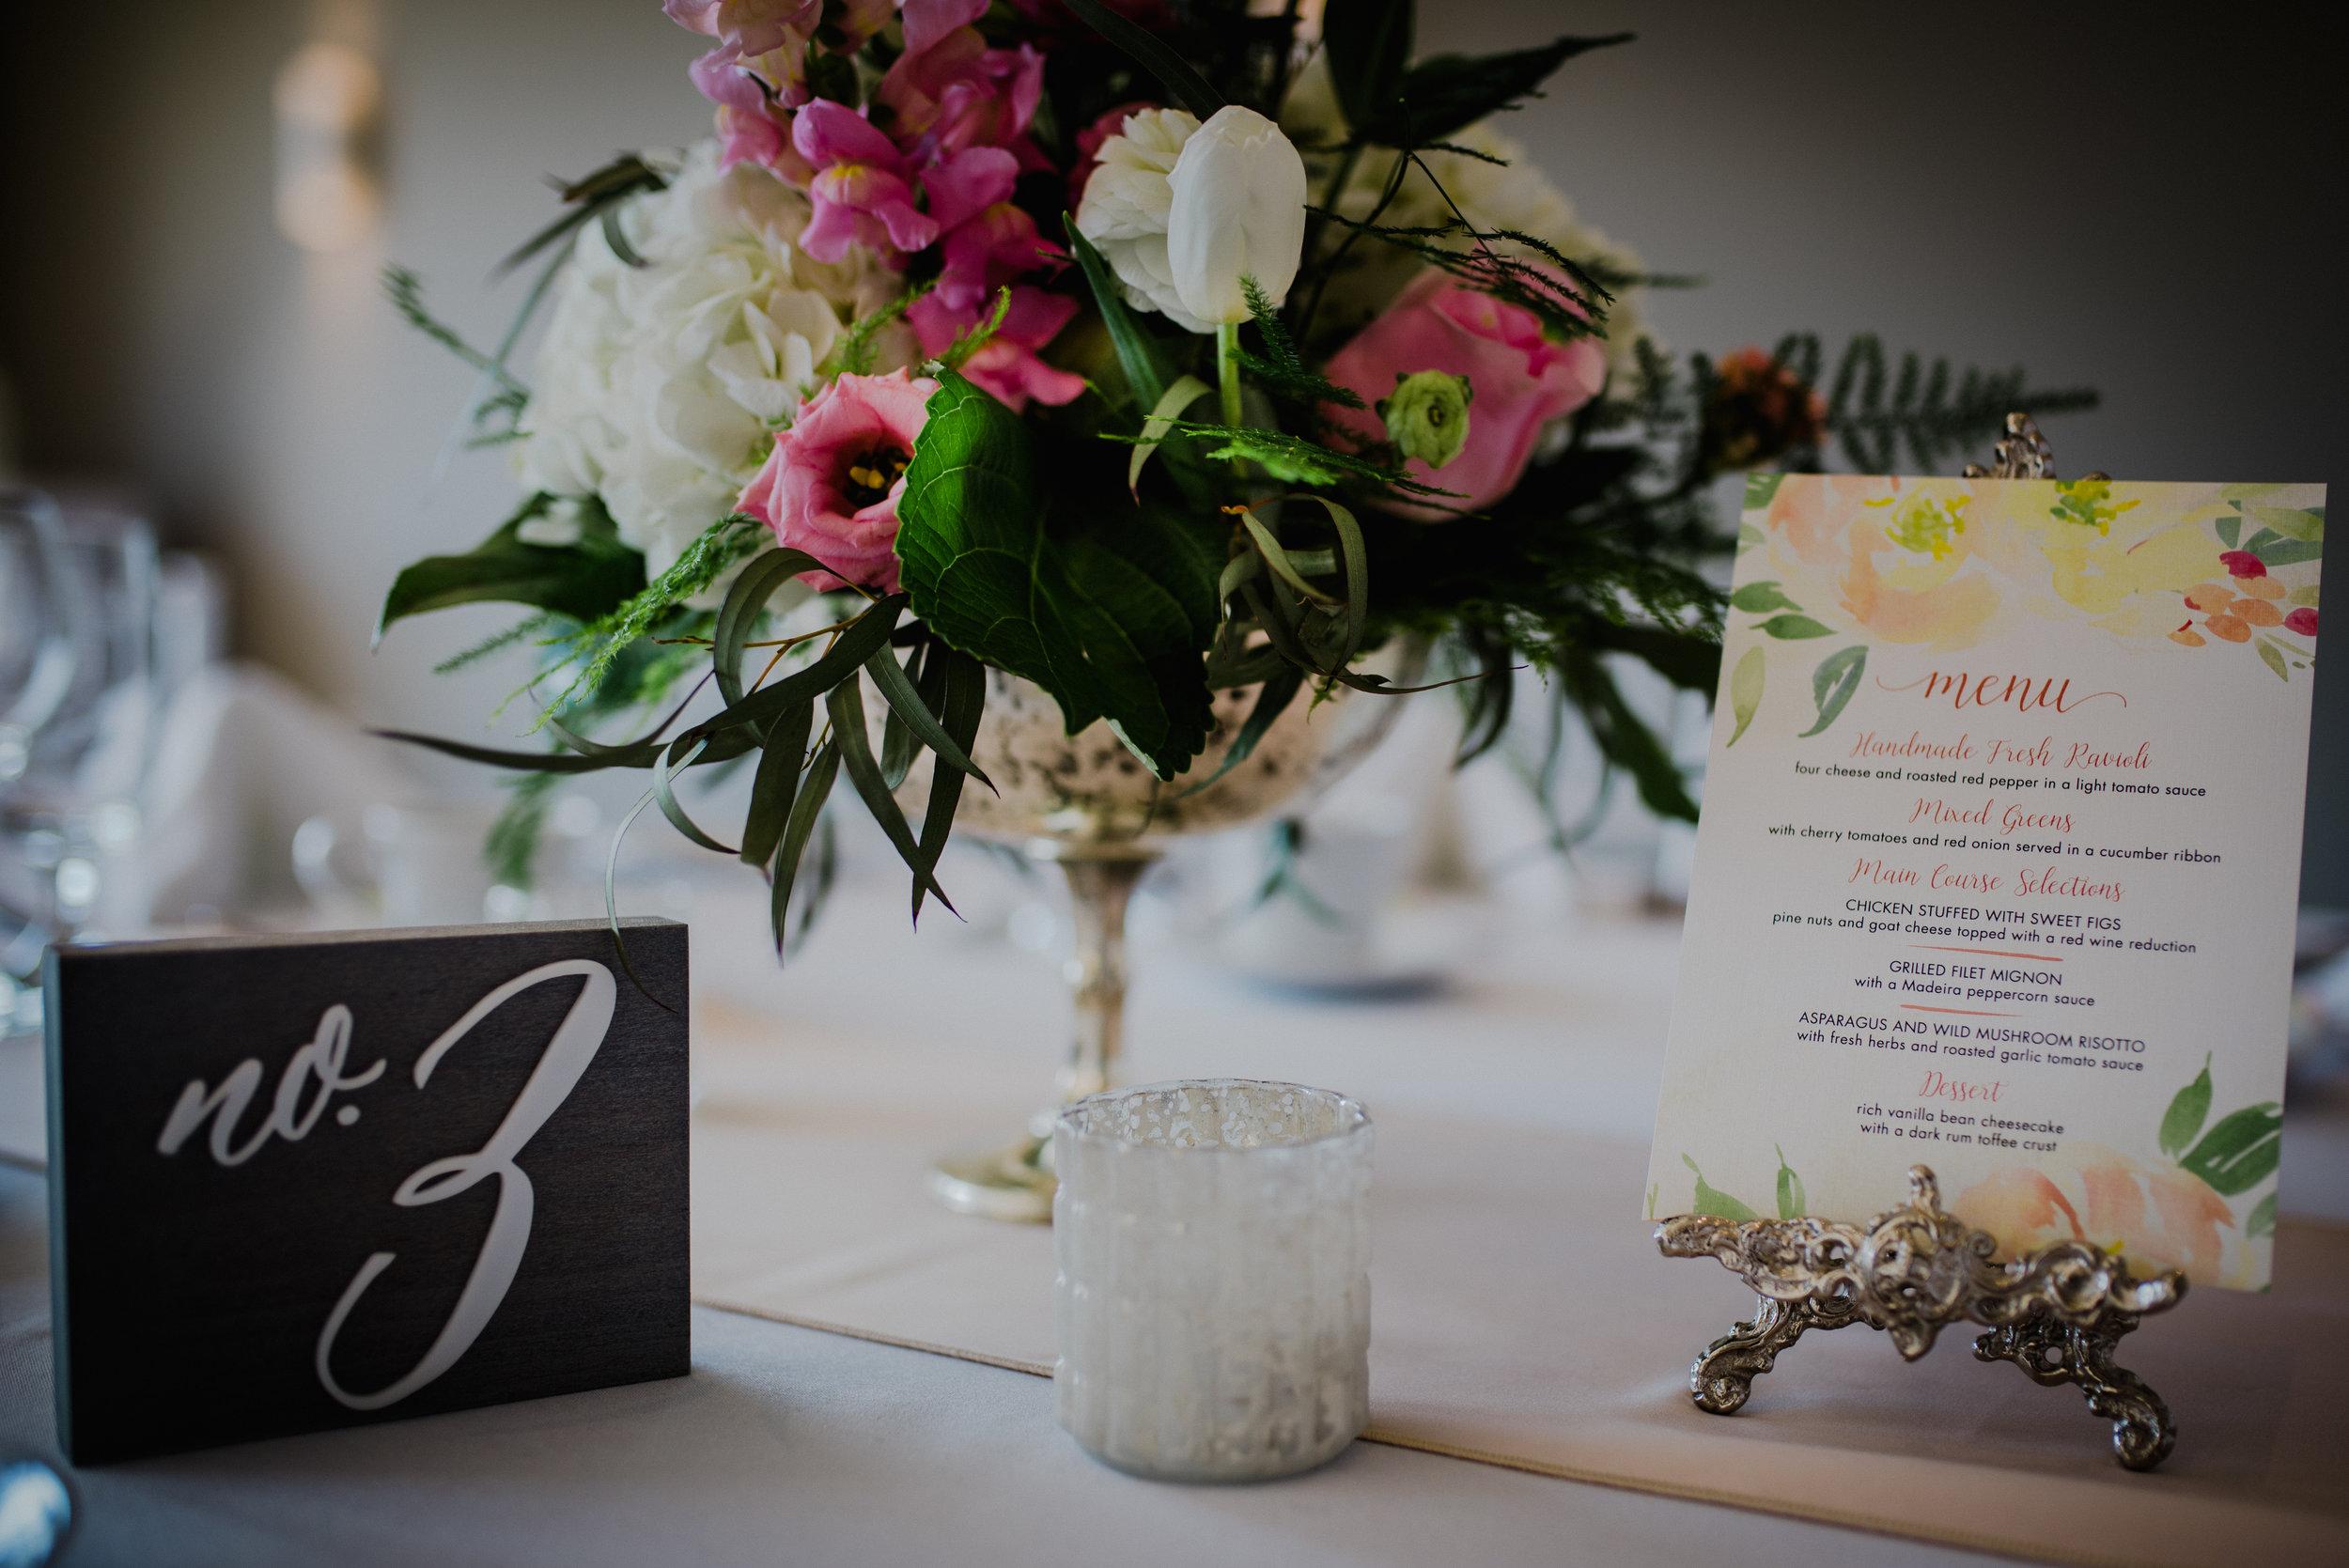 e Belvedere, Wakefield Wedding - Reception Details 2